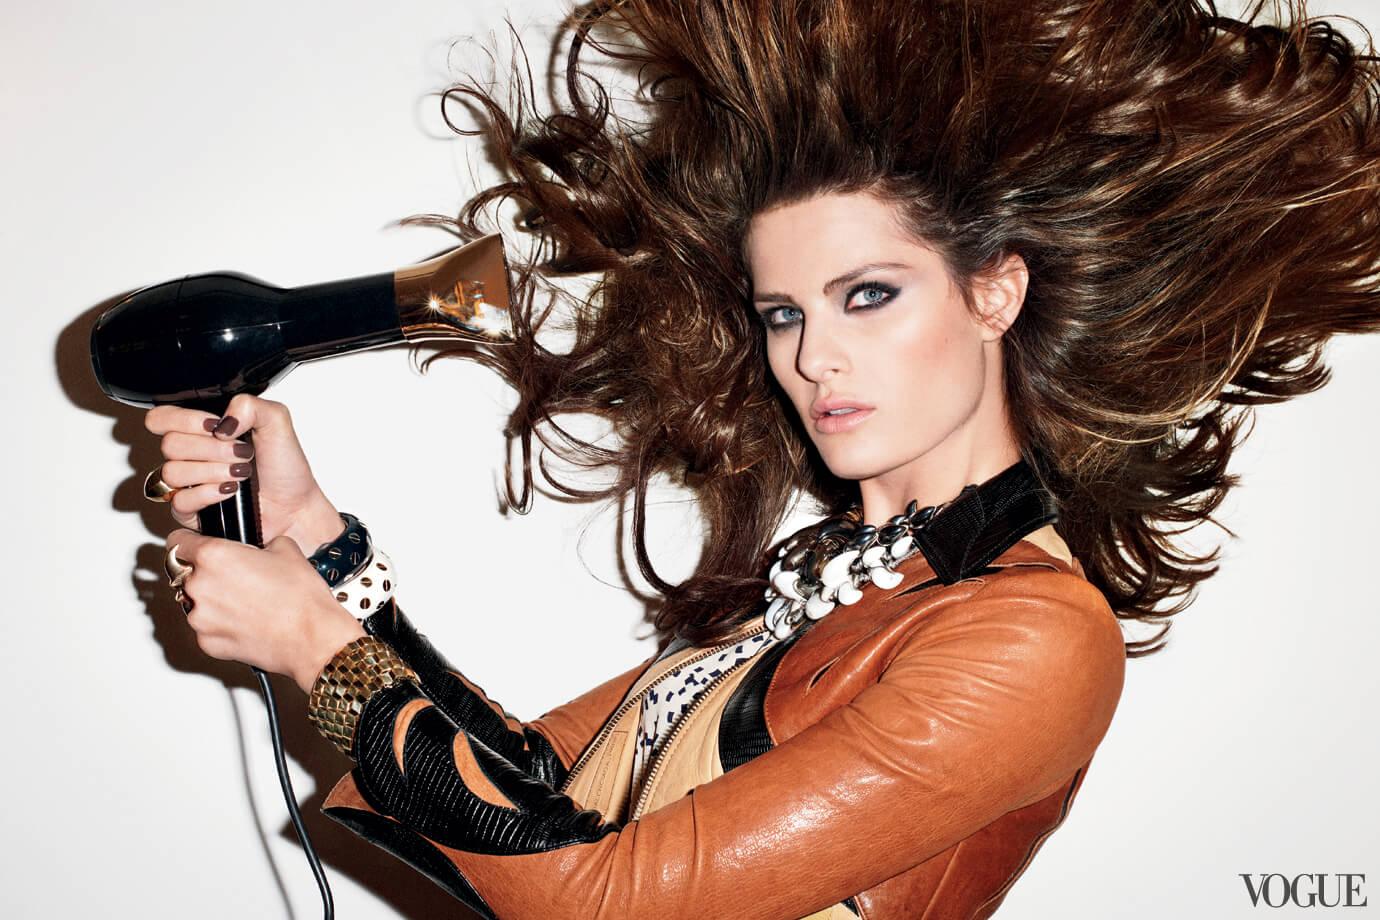 Hạn chế sử dụng máy sấy để giảm tóc rụng